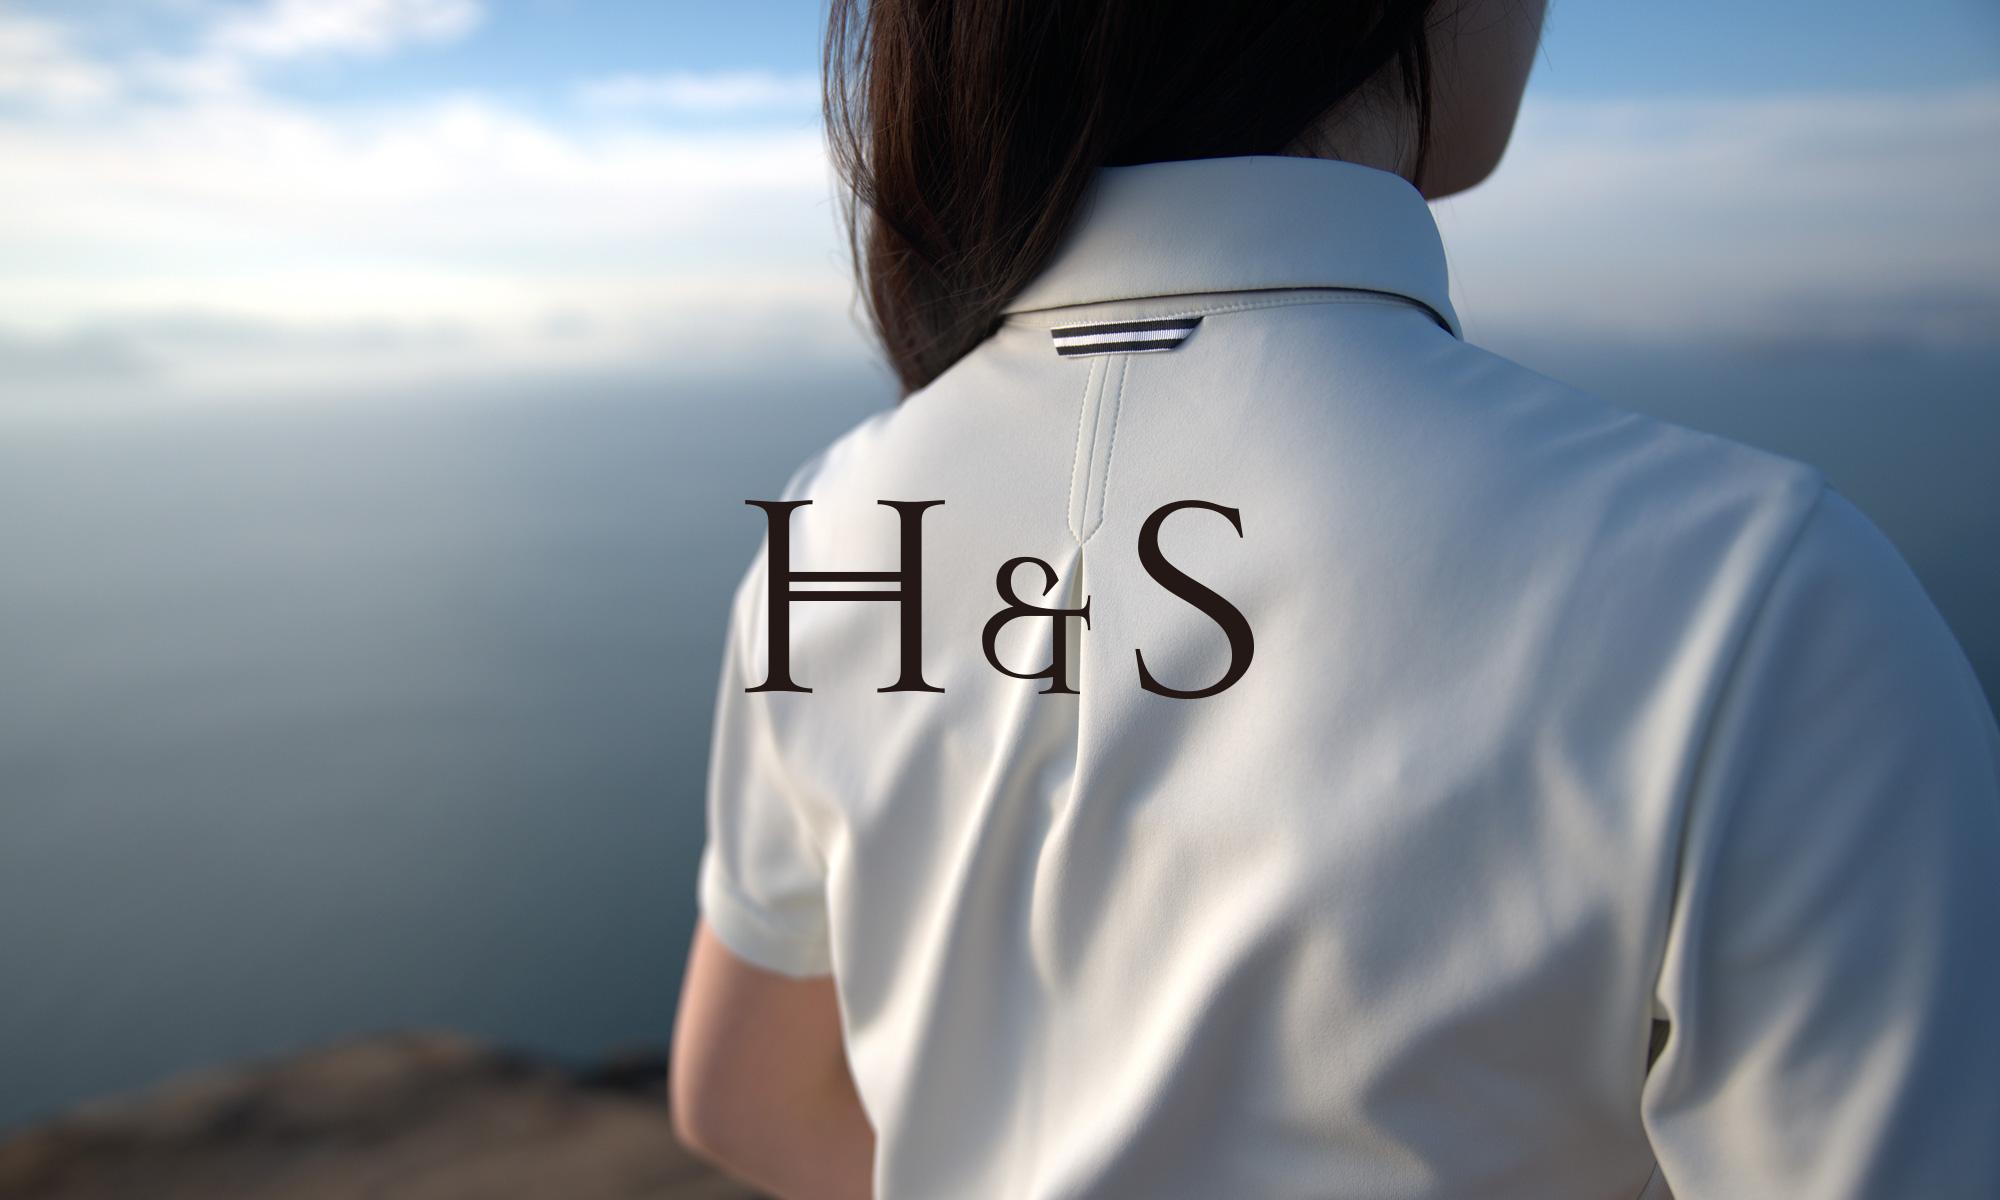 History and Simple トラッドリハビリウェア H&S